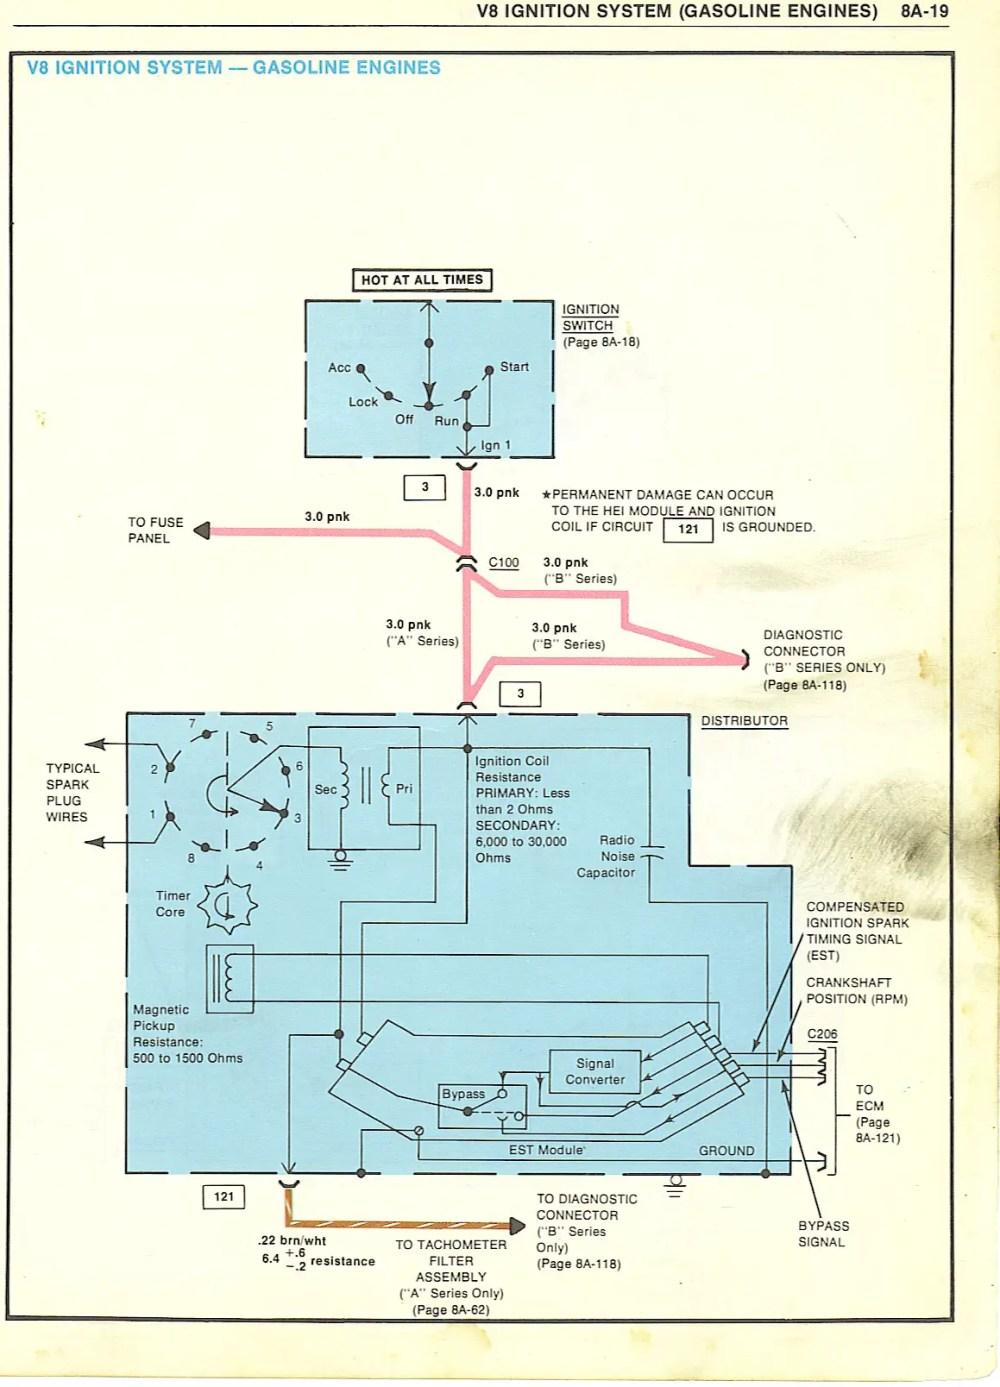 medium resolution of v8 ignition system wiring diagrams v8 ignition system 1972 el camino wiring diagram hei